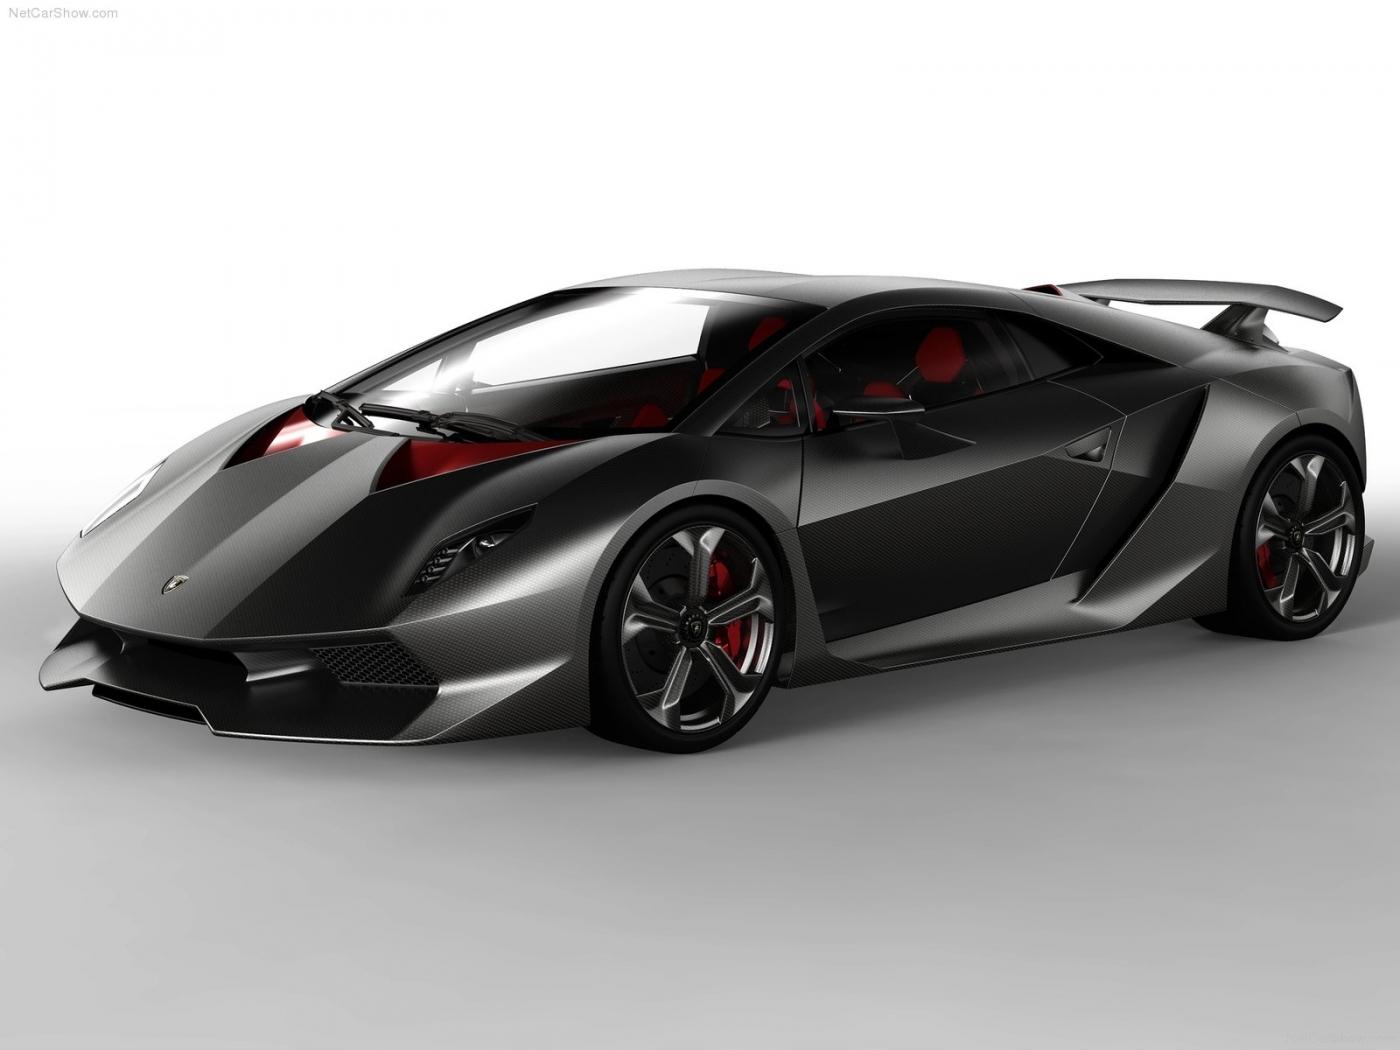 25415 скачать обои Транспорт, Машины, Ламборджини (Lamborghini) - заставки и картинки бесплатно